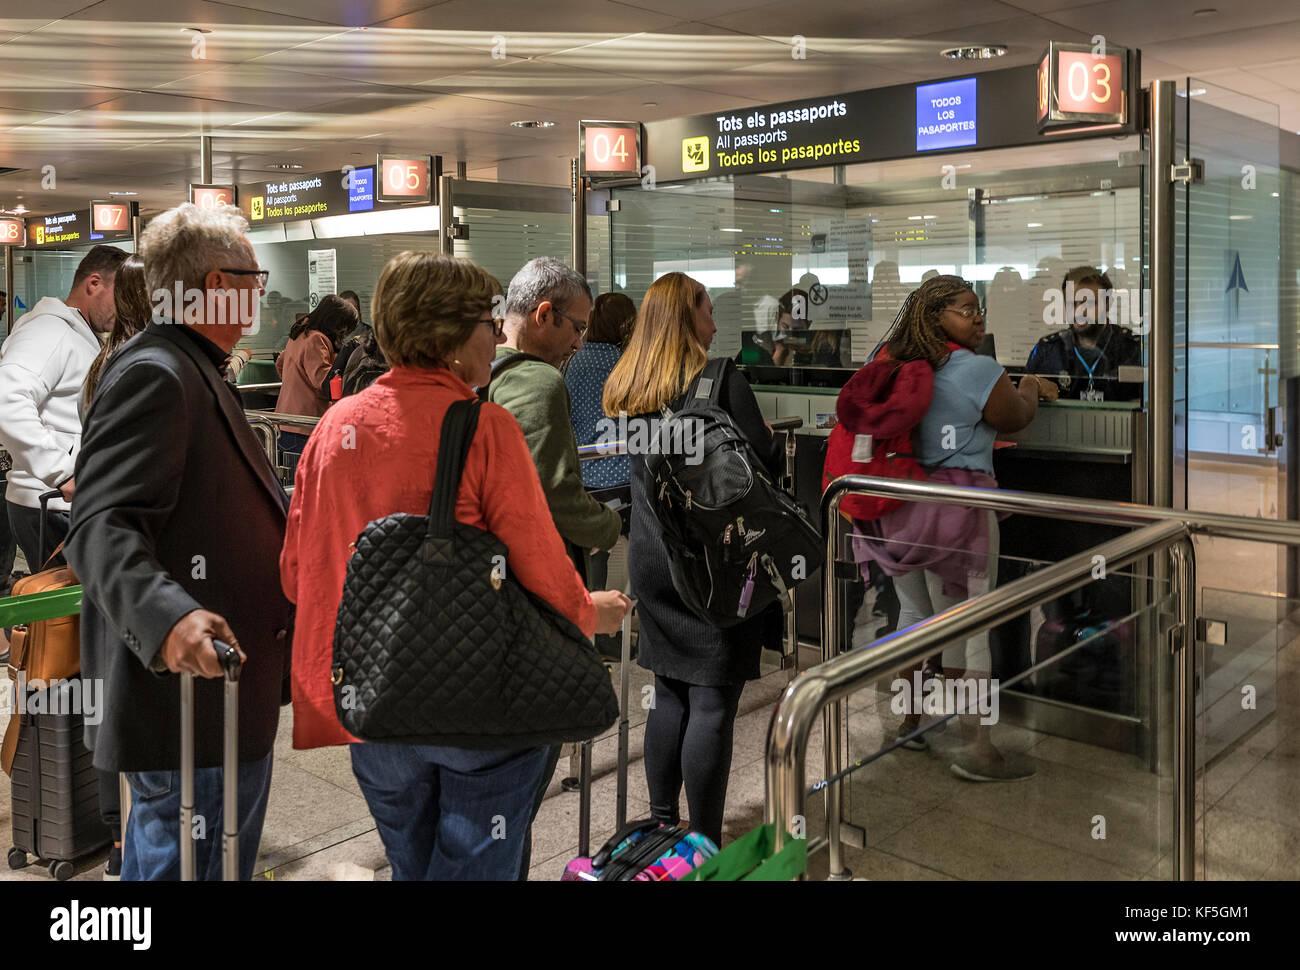 Vérification de sécurité des douanes à l'aéroport de Barcelone, Espagne. Photo Stock